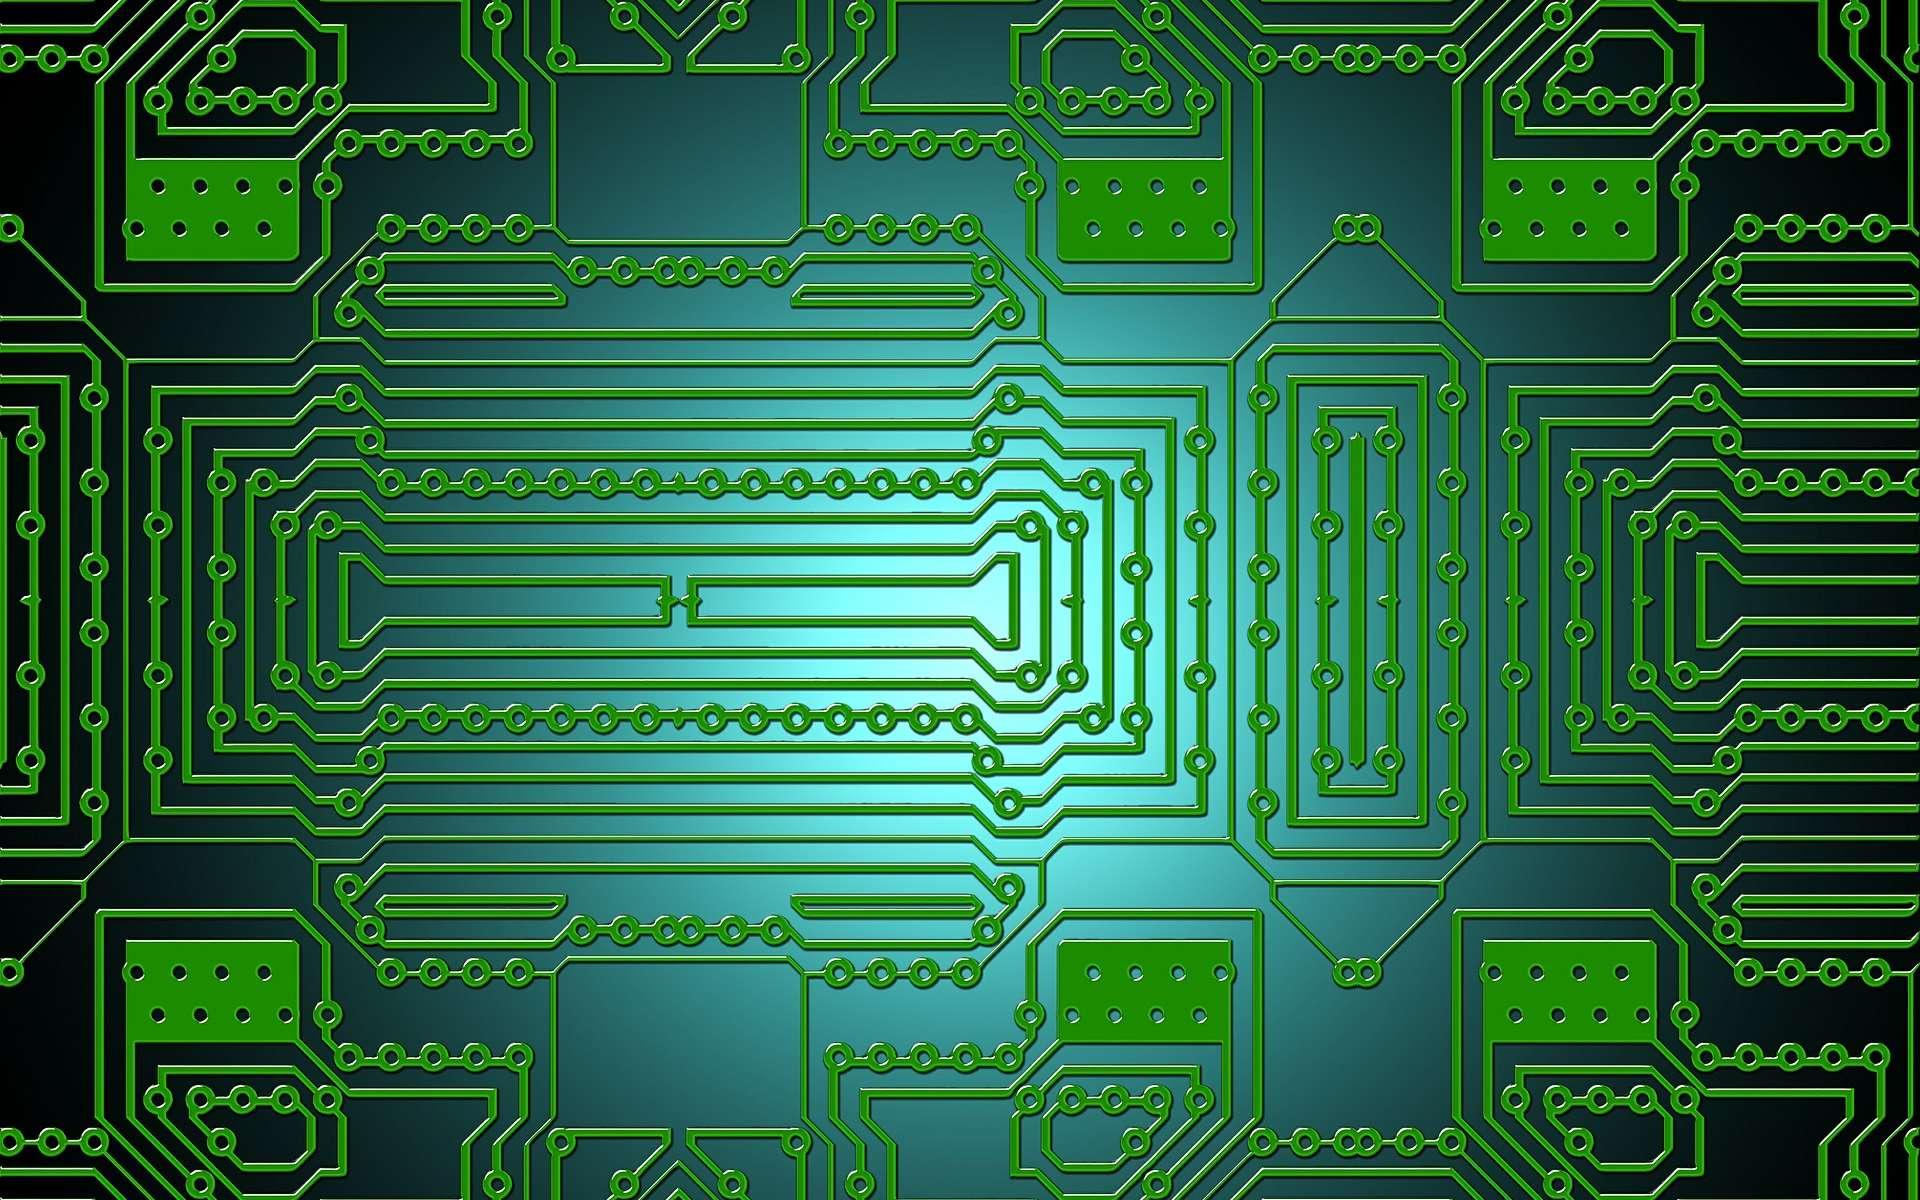 Les circuits électroniques contiennent parfois des données sensibles. Celui des chercheurs du PARC (Palo Alto Research Center) a la particularité de pouvoir s'autodétruire. © geralt, Pixabay, DP